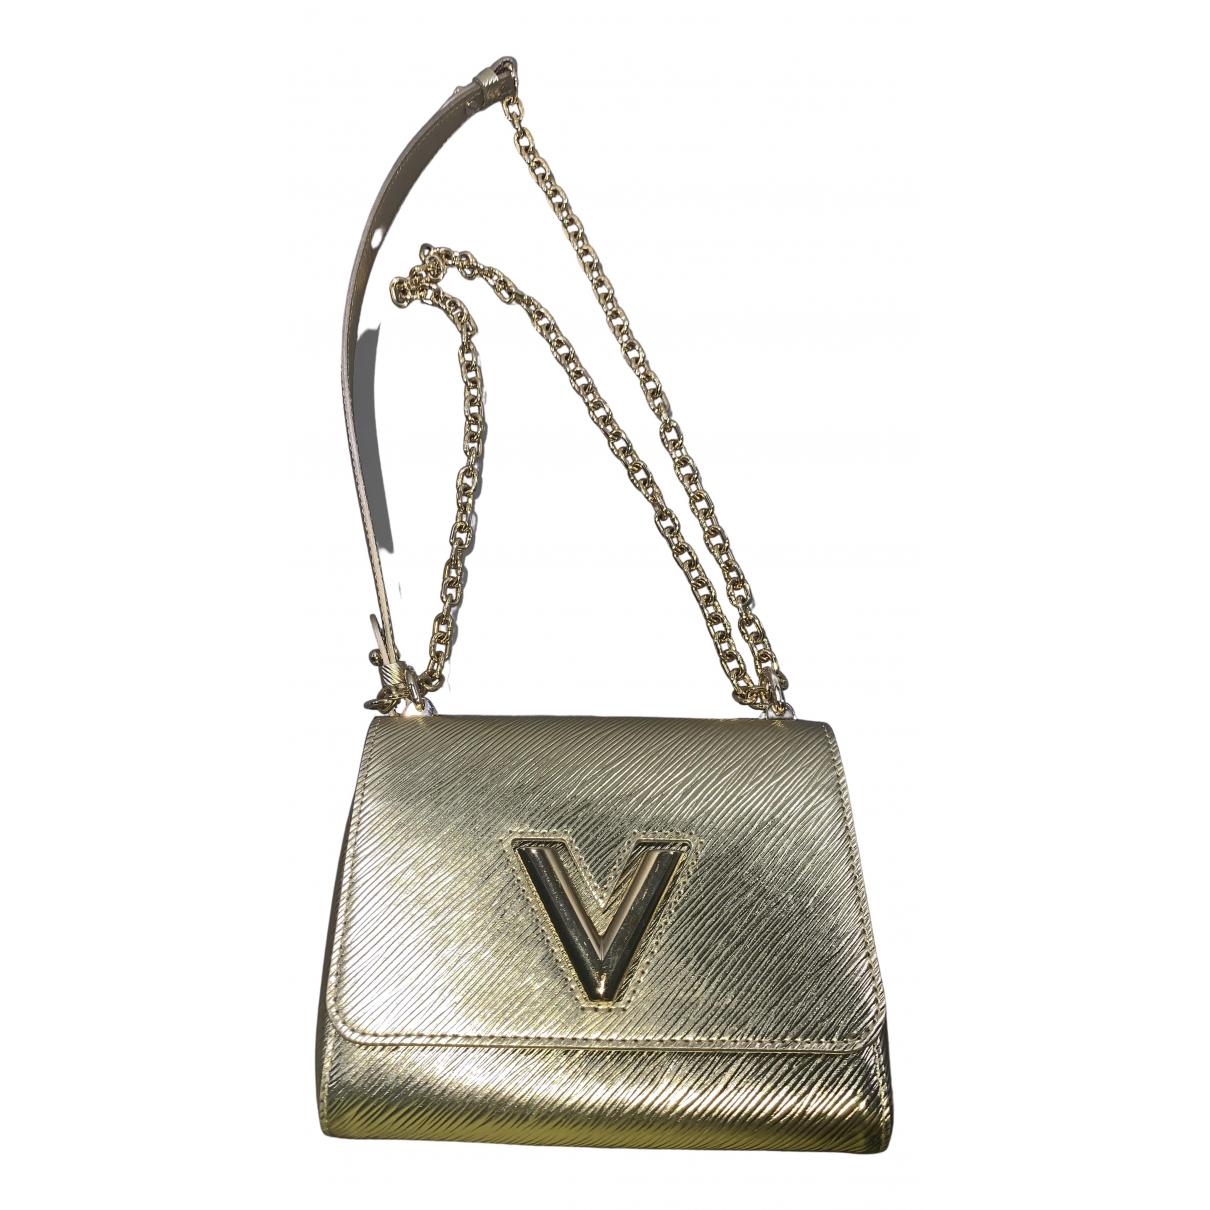 Louis Vuitton - Sac a main Twist pour femme en toile - dore